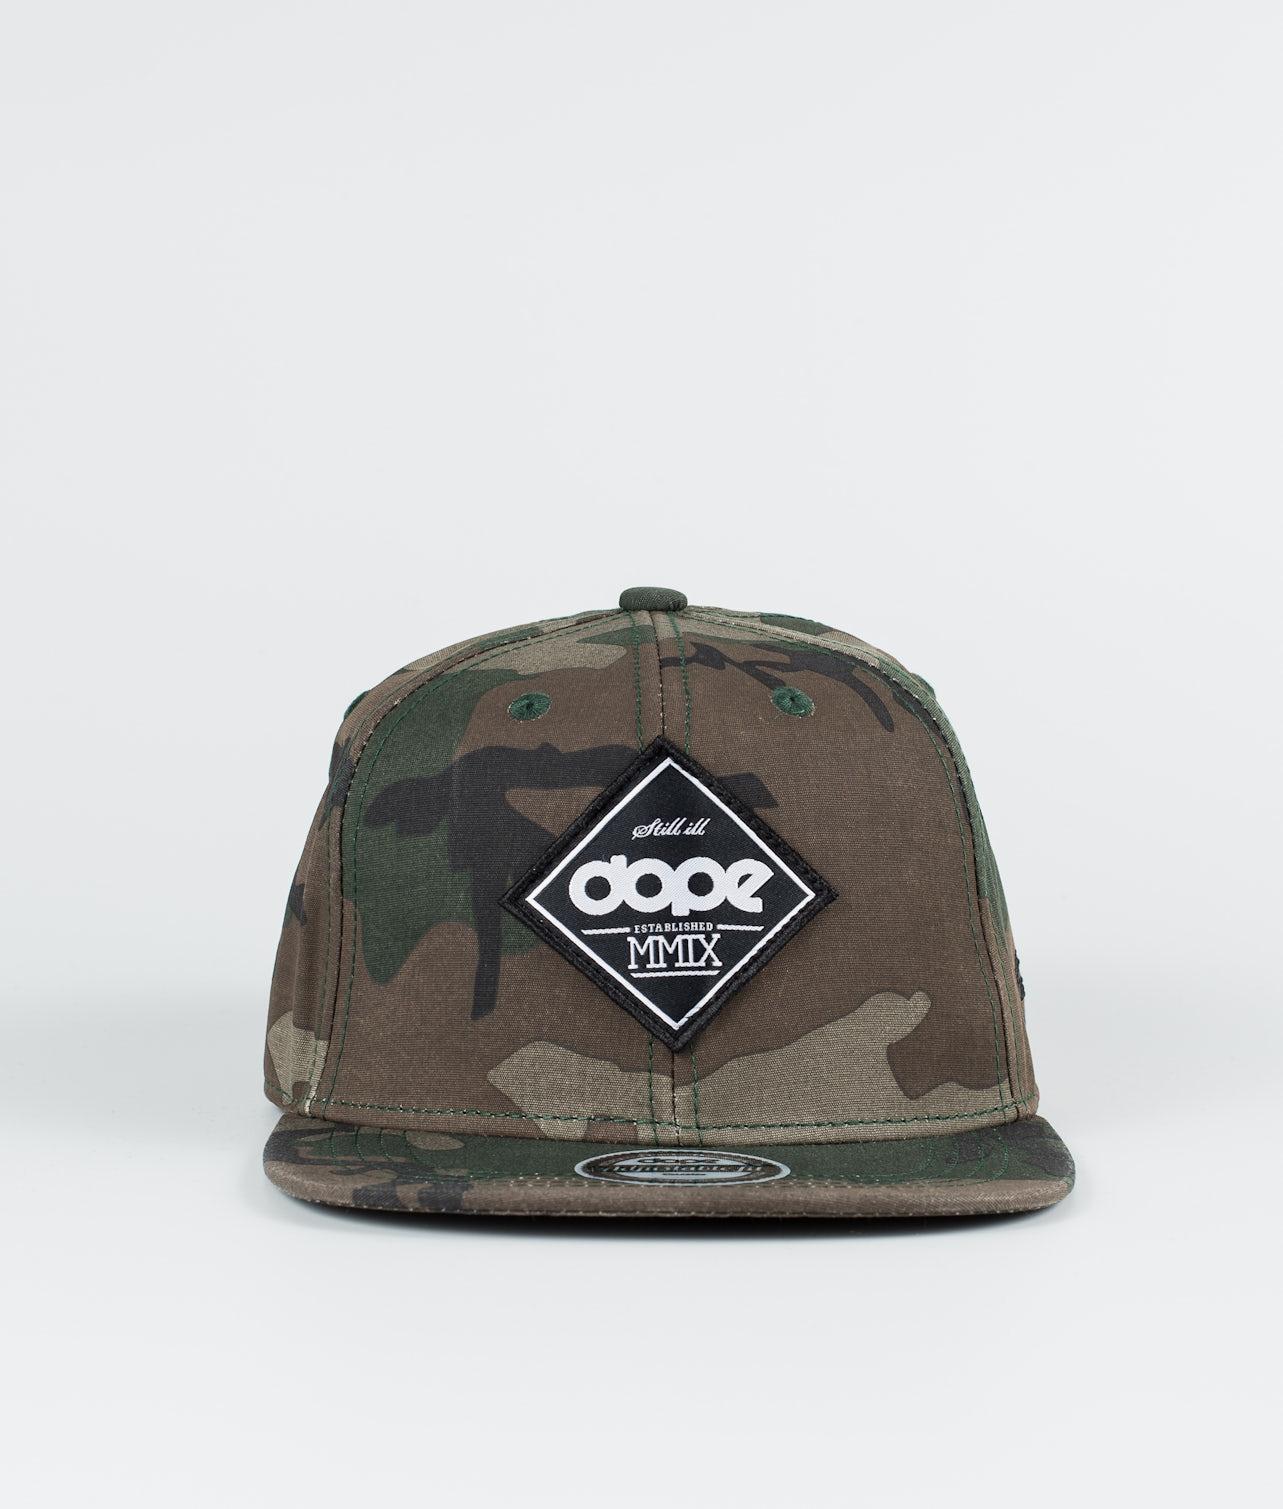 Kjøp Peak  Caps fra Dope på Ridestore.no - Hos oss har du alltid fri frakt, fri retur og 30 dagers åpent kjøp!